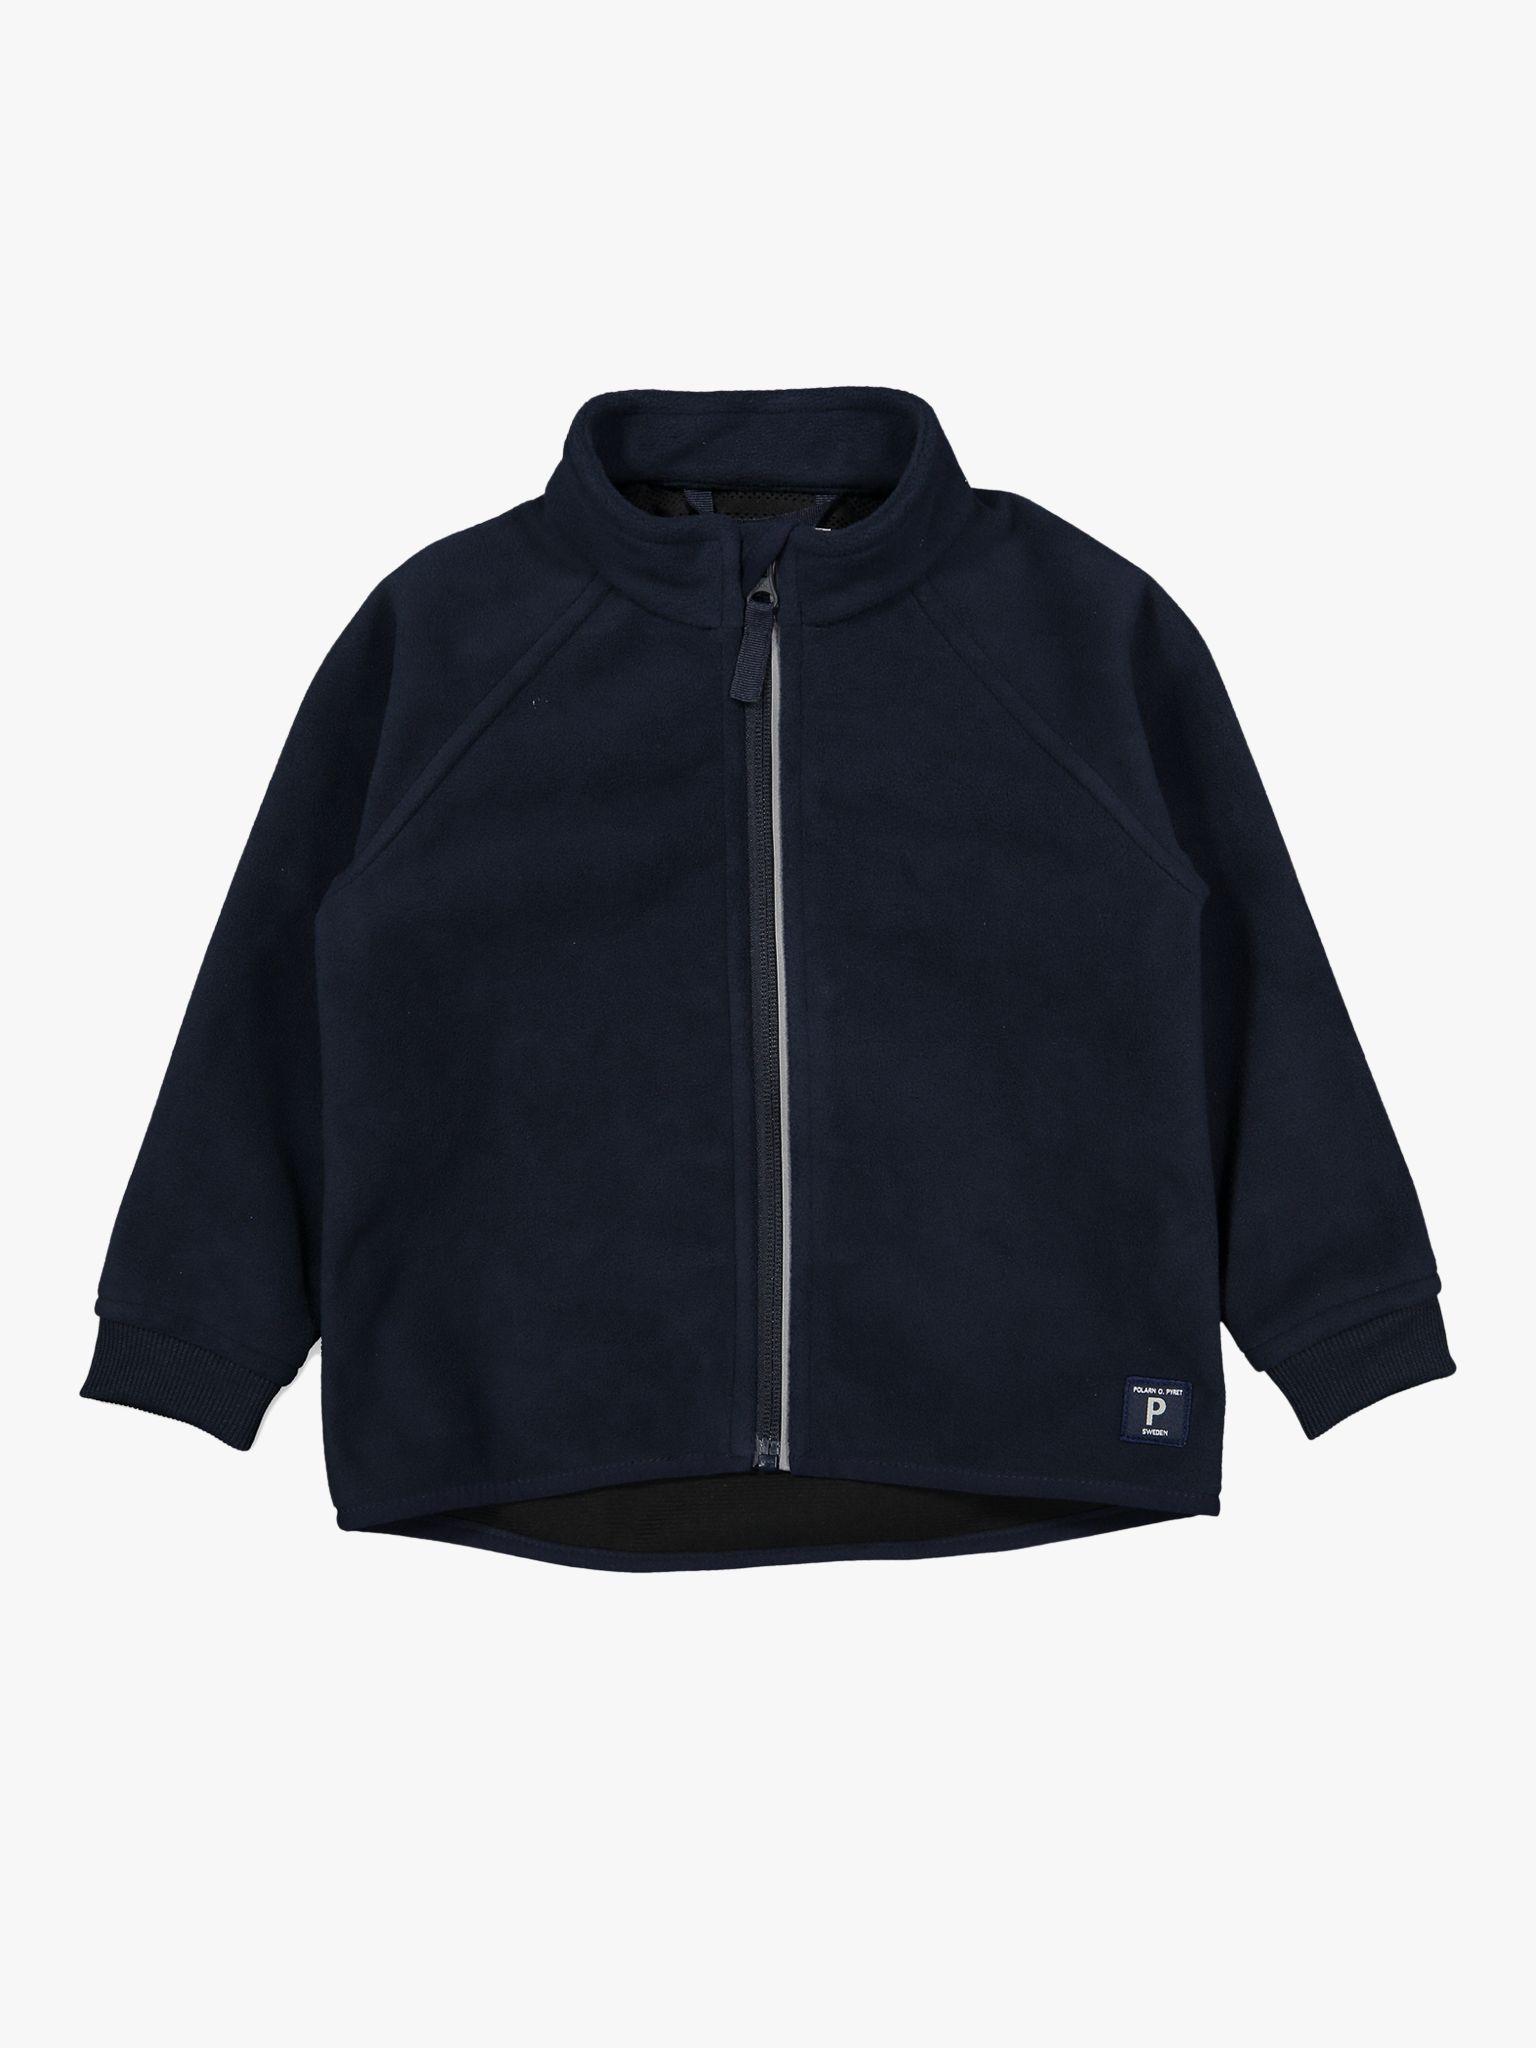 Polarn O. Pyret Polarn O. Pyret Baby Fleece Jacket, Dark Sapphire